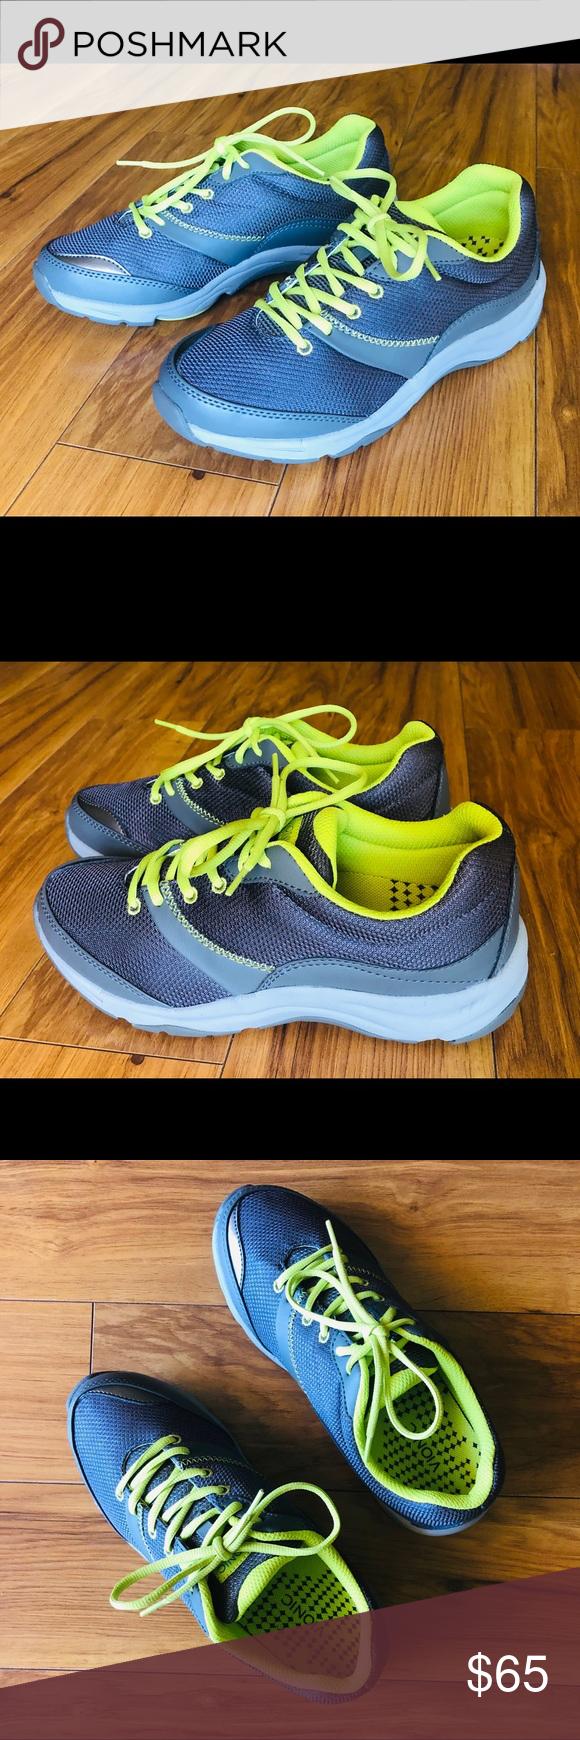 Vionic Kona Women's Orthotic Shoes Sz 6